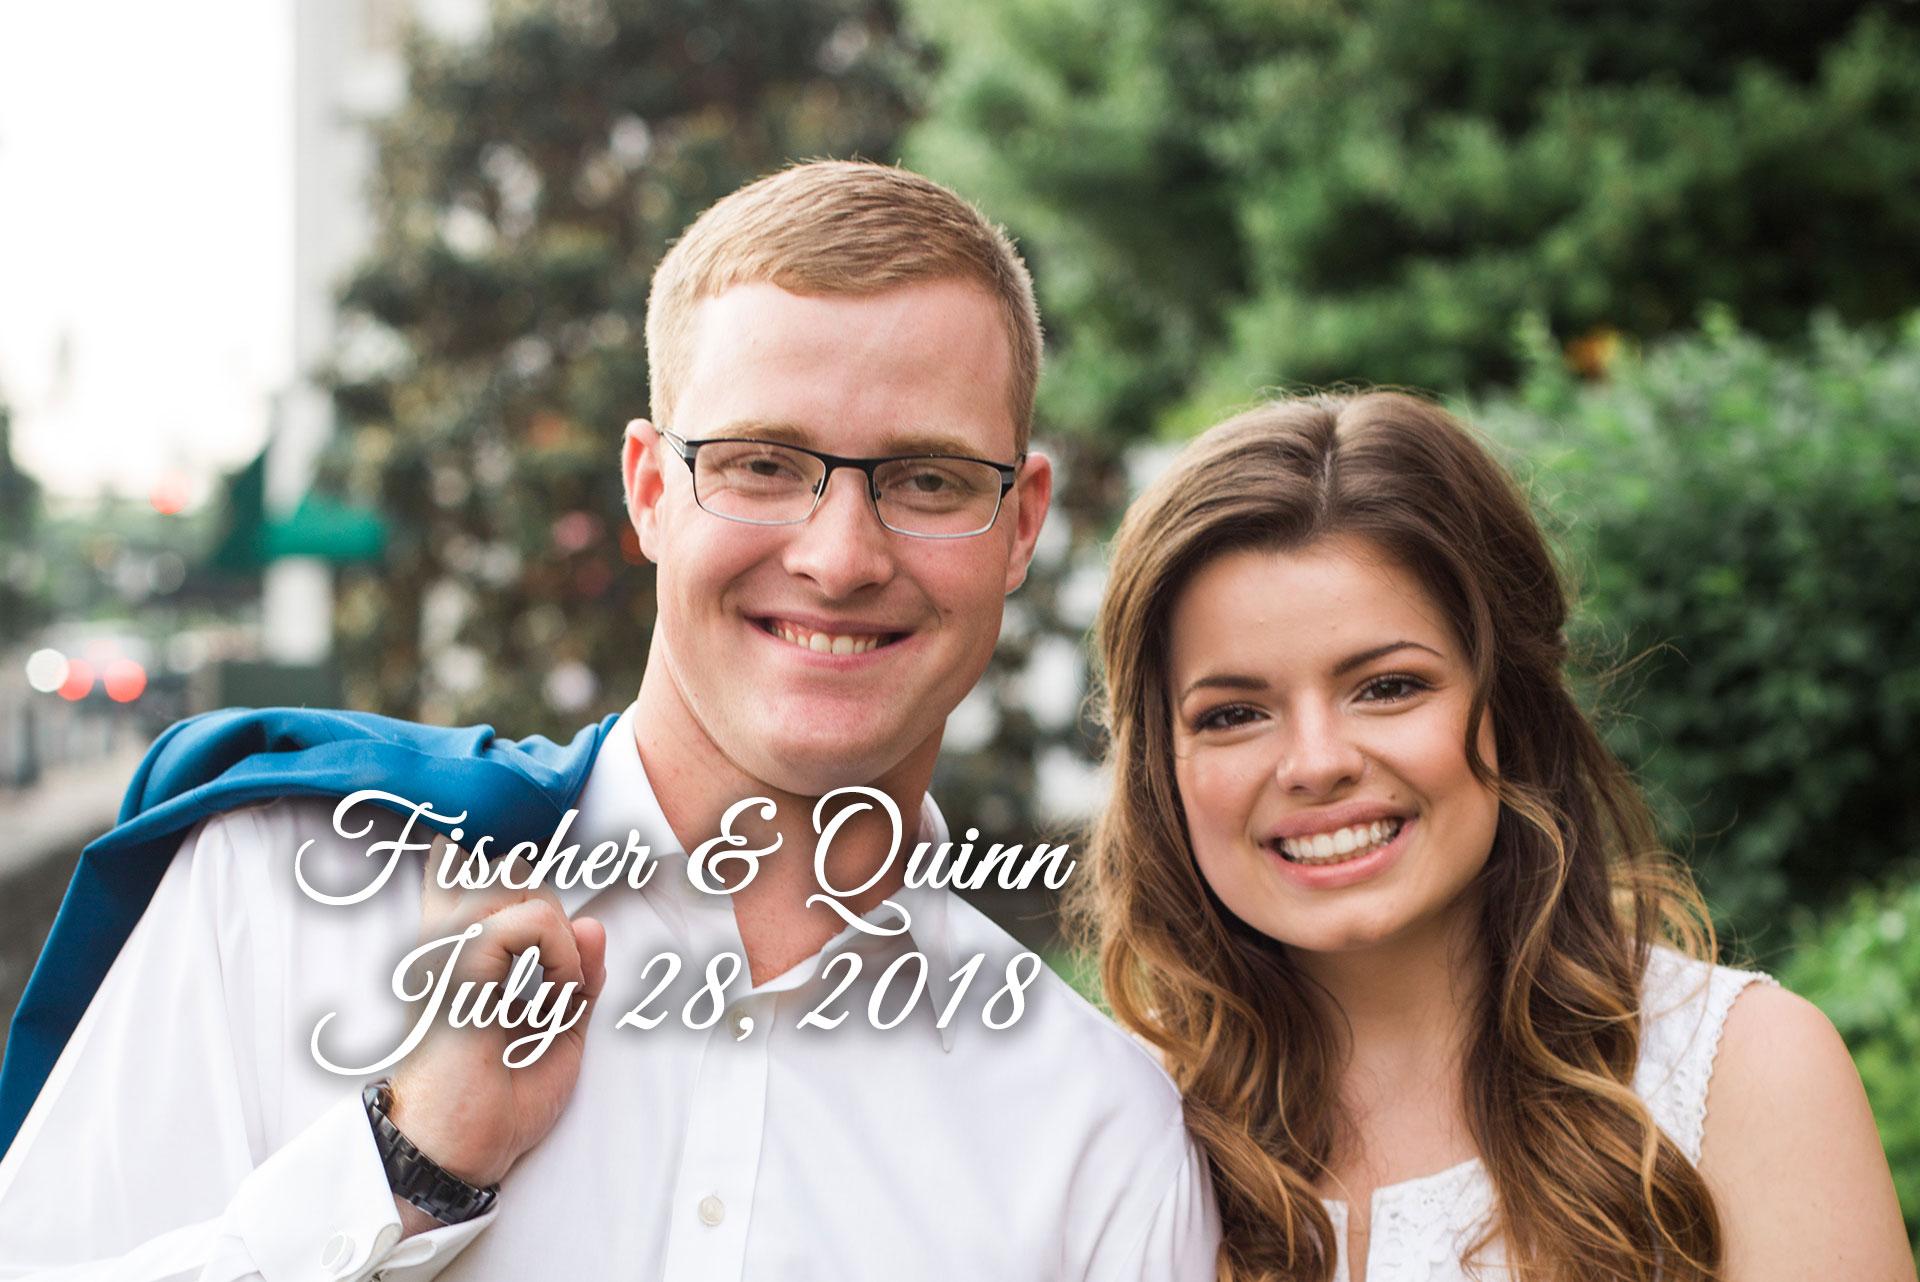 Fischer-Quinn Remnant Fellowship Engagement